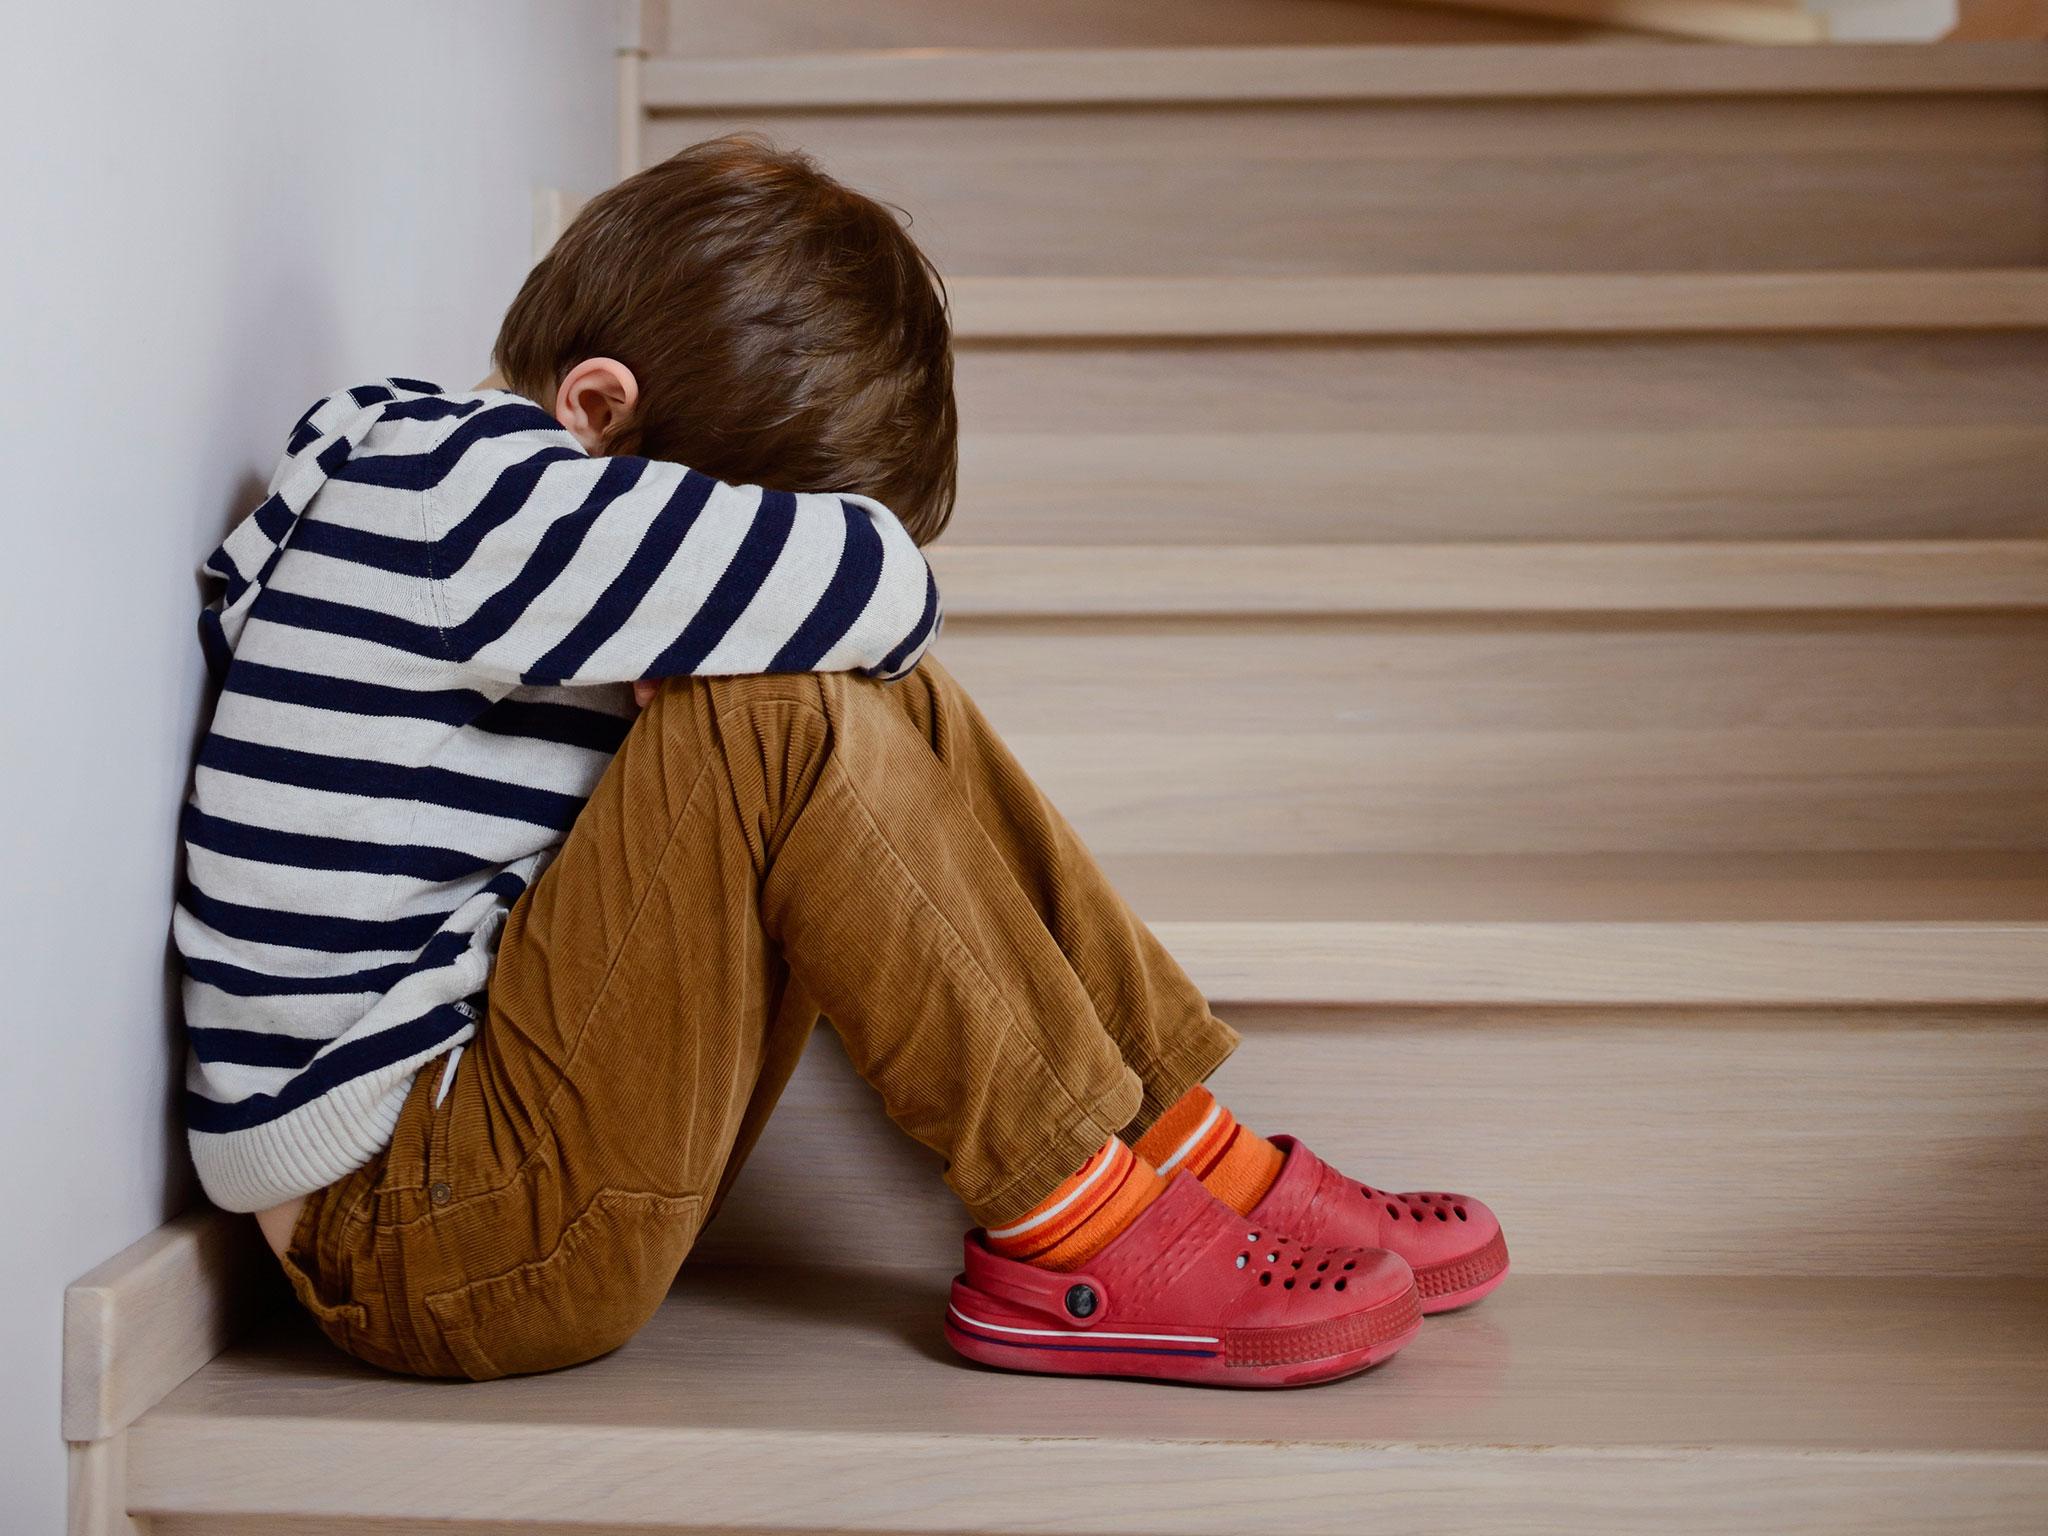 Rüyada Kendi Çocuğunu Dövmek ve Üzülmek